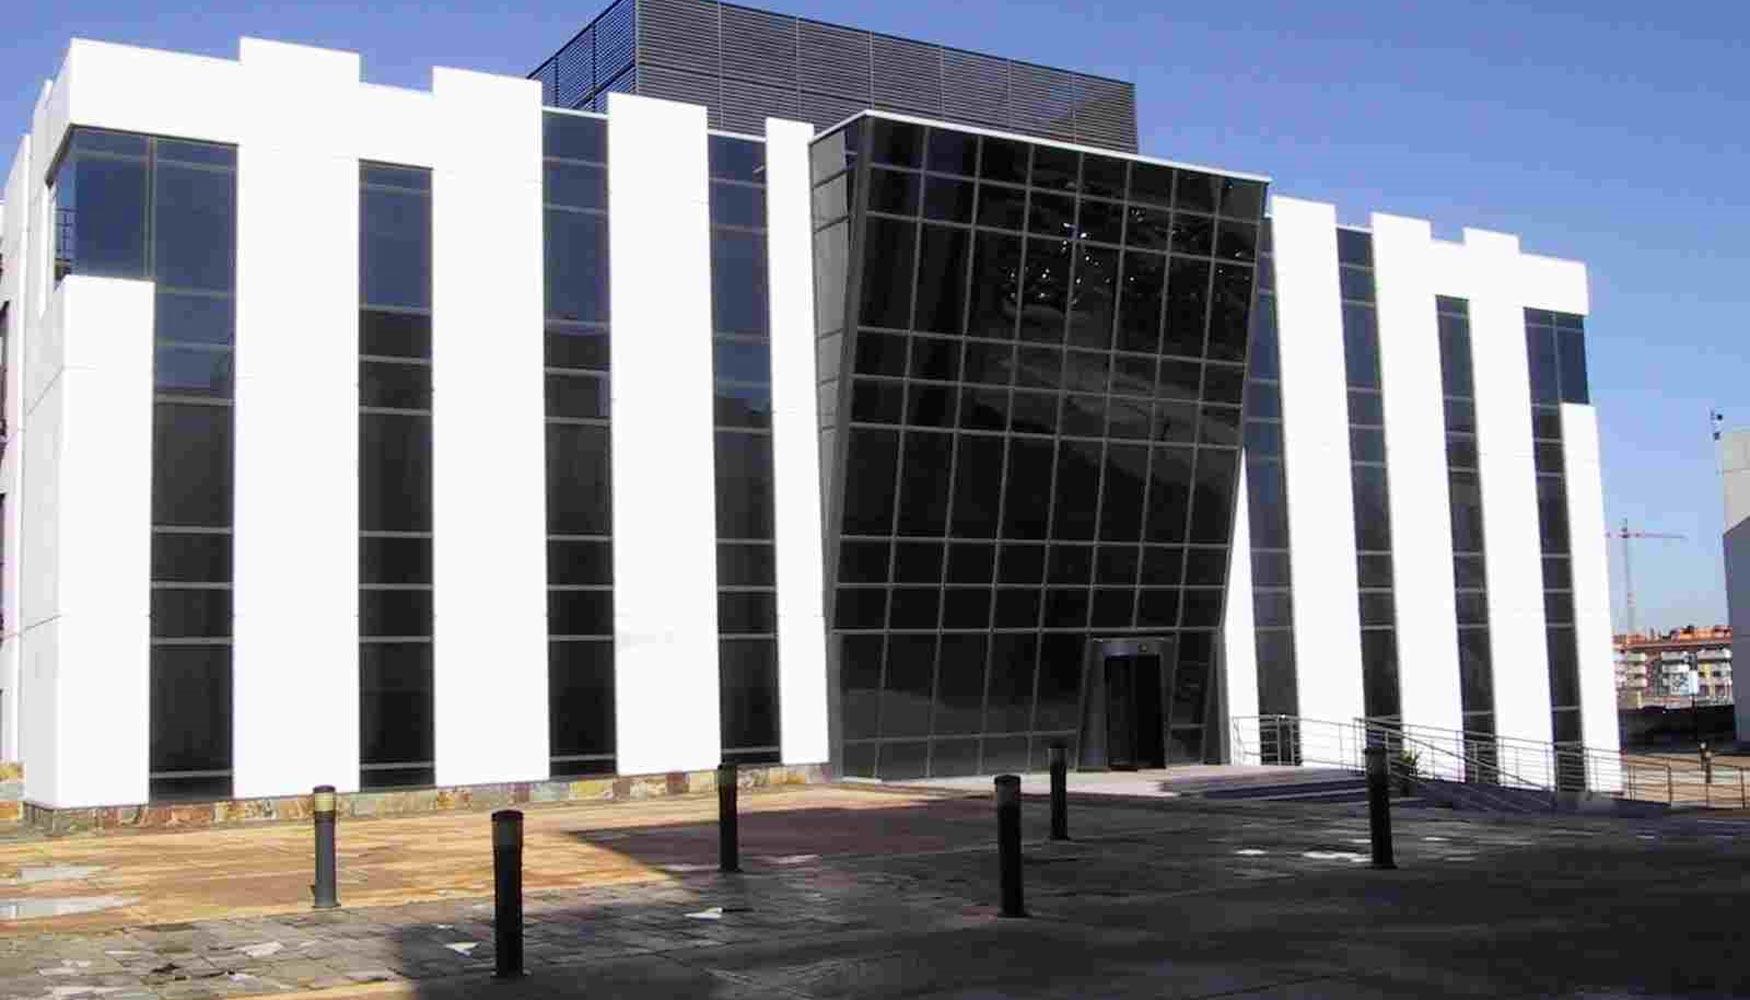 Jll asesora a amper en el alquiler de sus oficinas centrales en pozuelo de alarc n madrid - Oficina virtual de caja espana ...